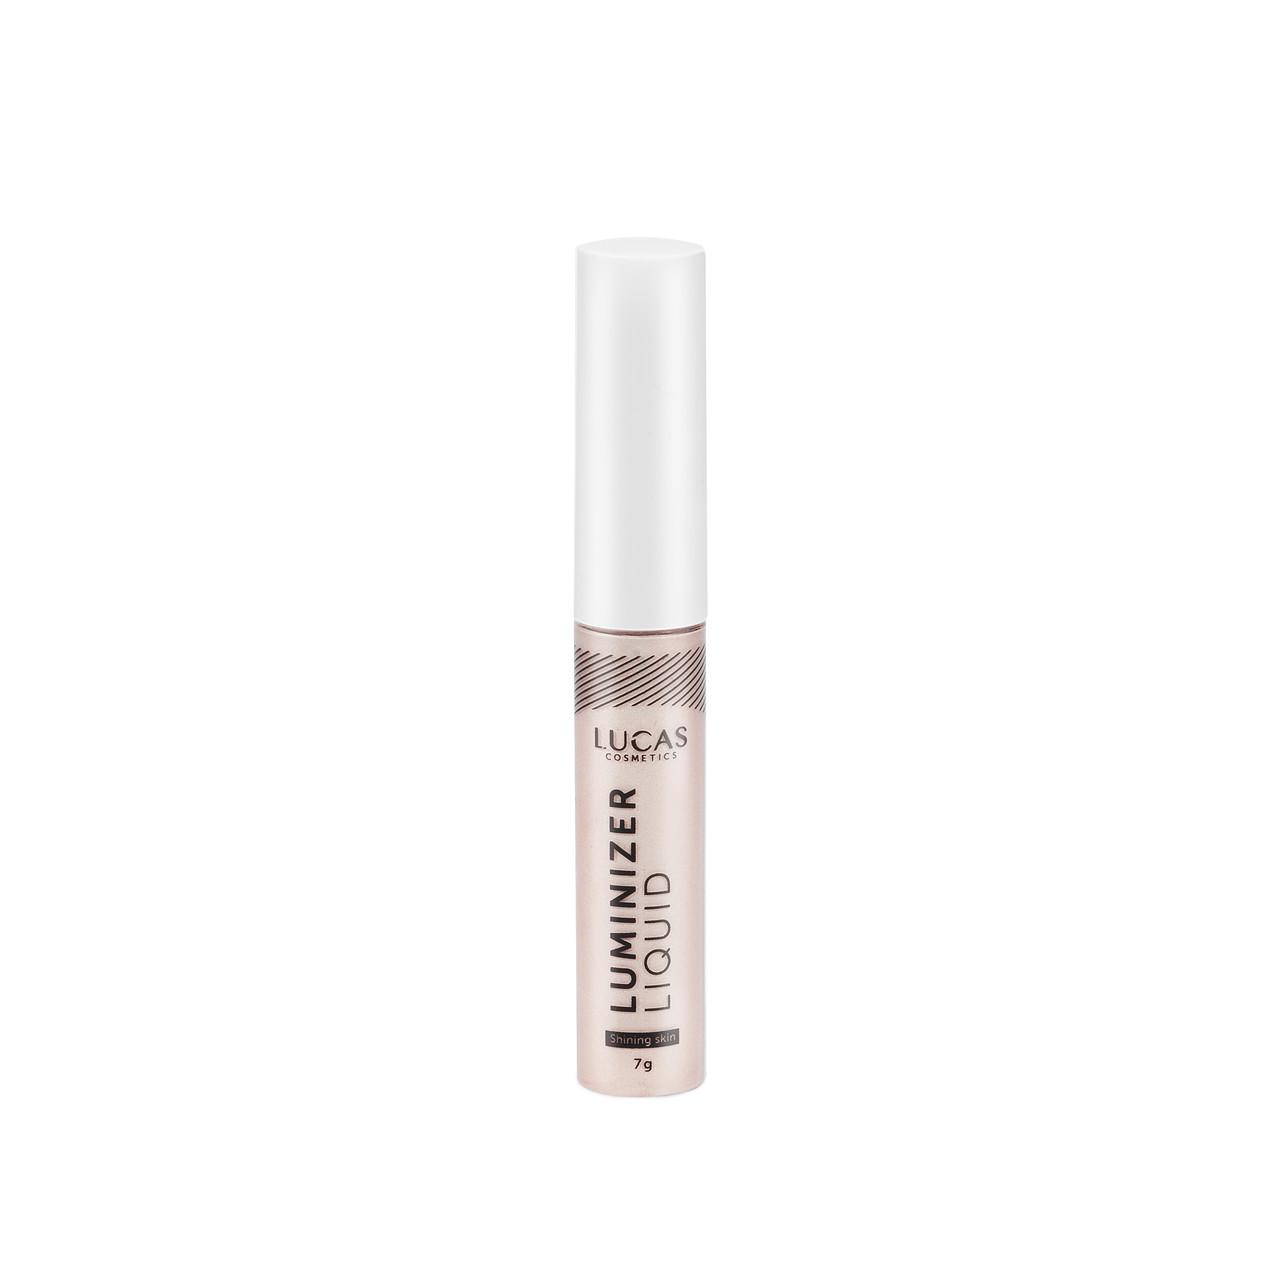 Колір 105 Рідкий хайлайтер Luminizer Liquid, LUCAS, Sunset Rose 7 м